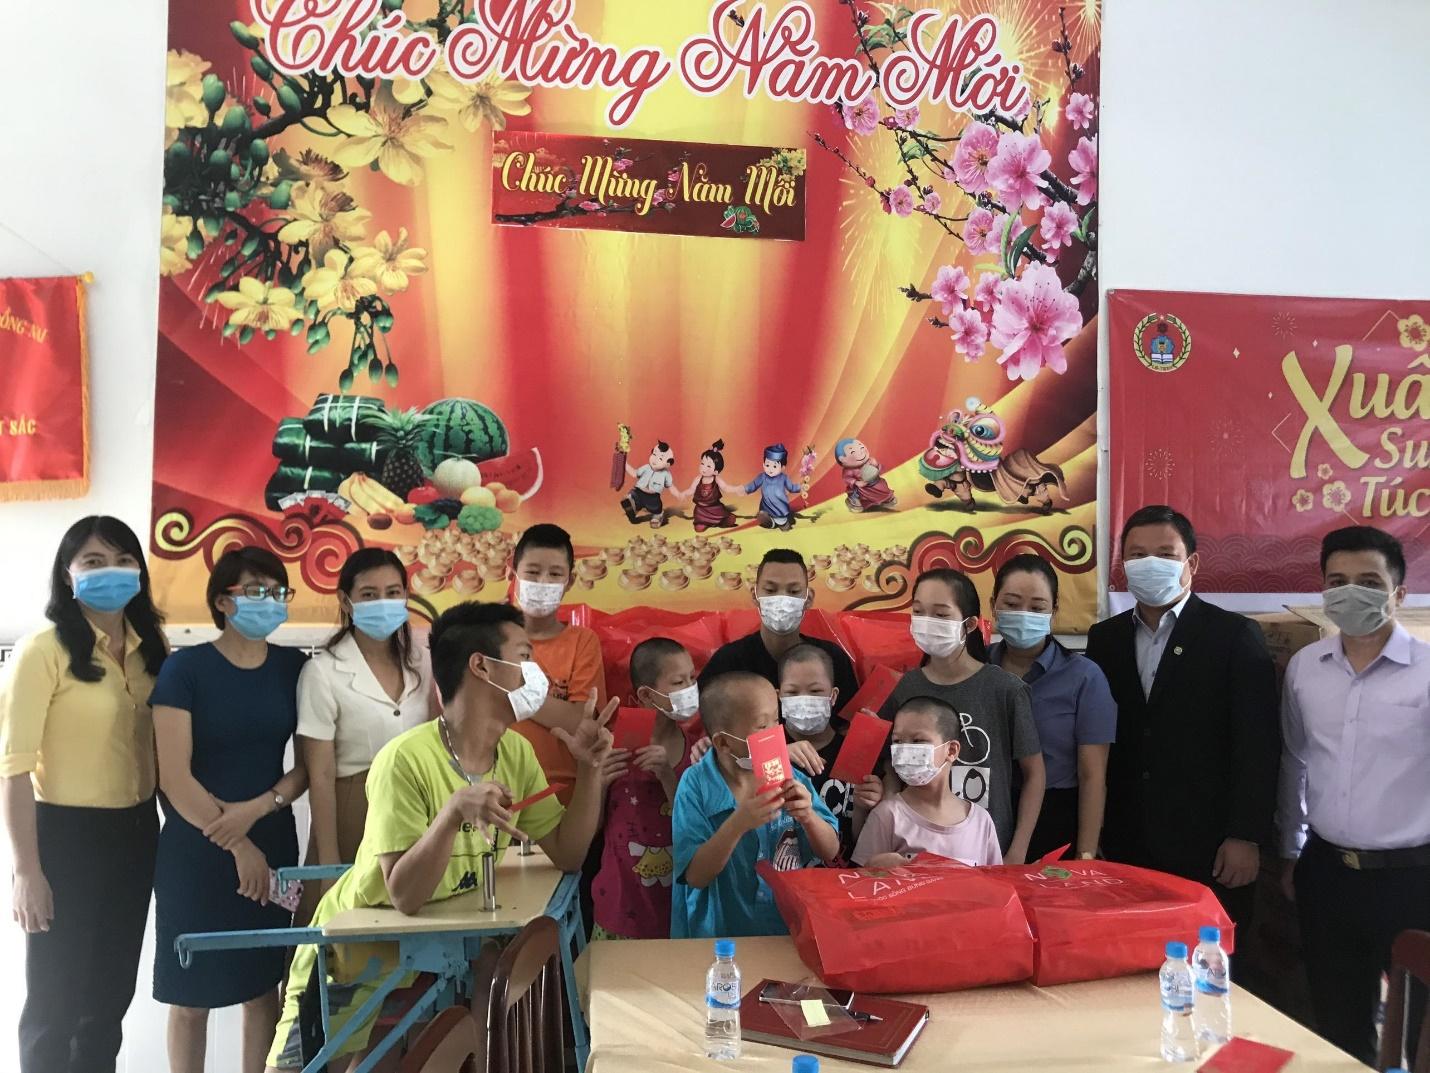 Nova Group đã đến và mang niềm vui tới các trẻ em tàn tật mồ côi tại Trung tâm công tác xã hội tỉnh Đồng Nai cơ sở 3 trong những ngày cận Tết Tân Sửu